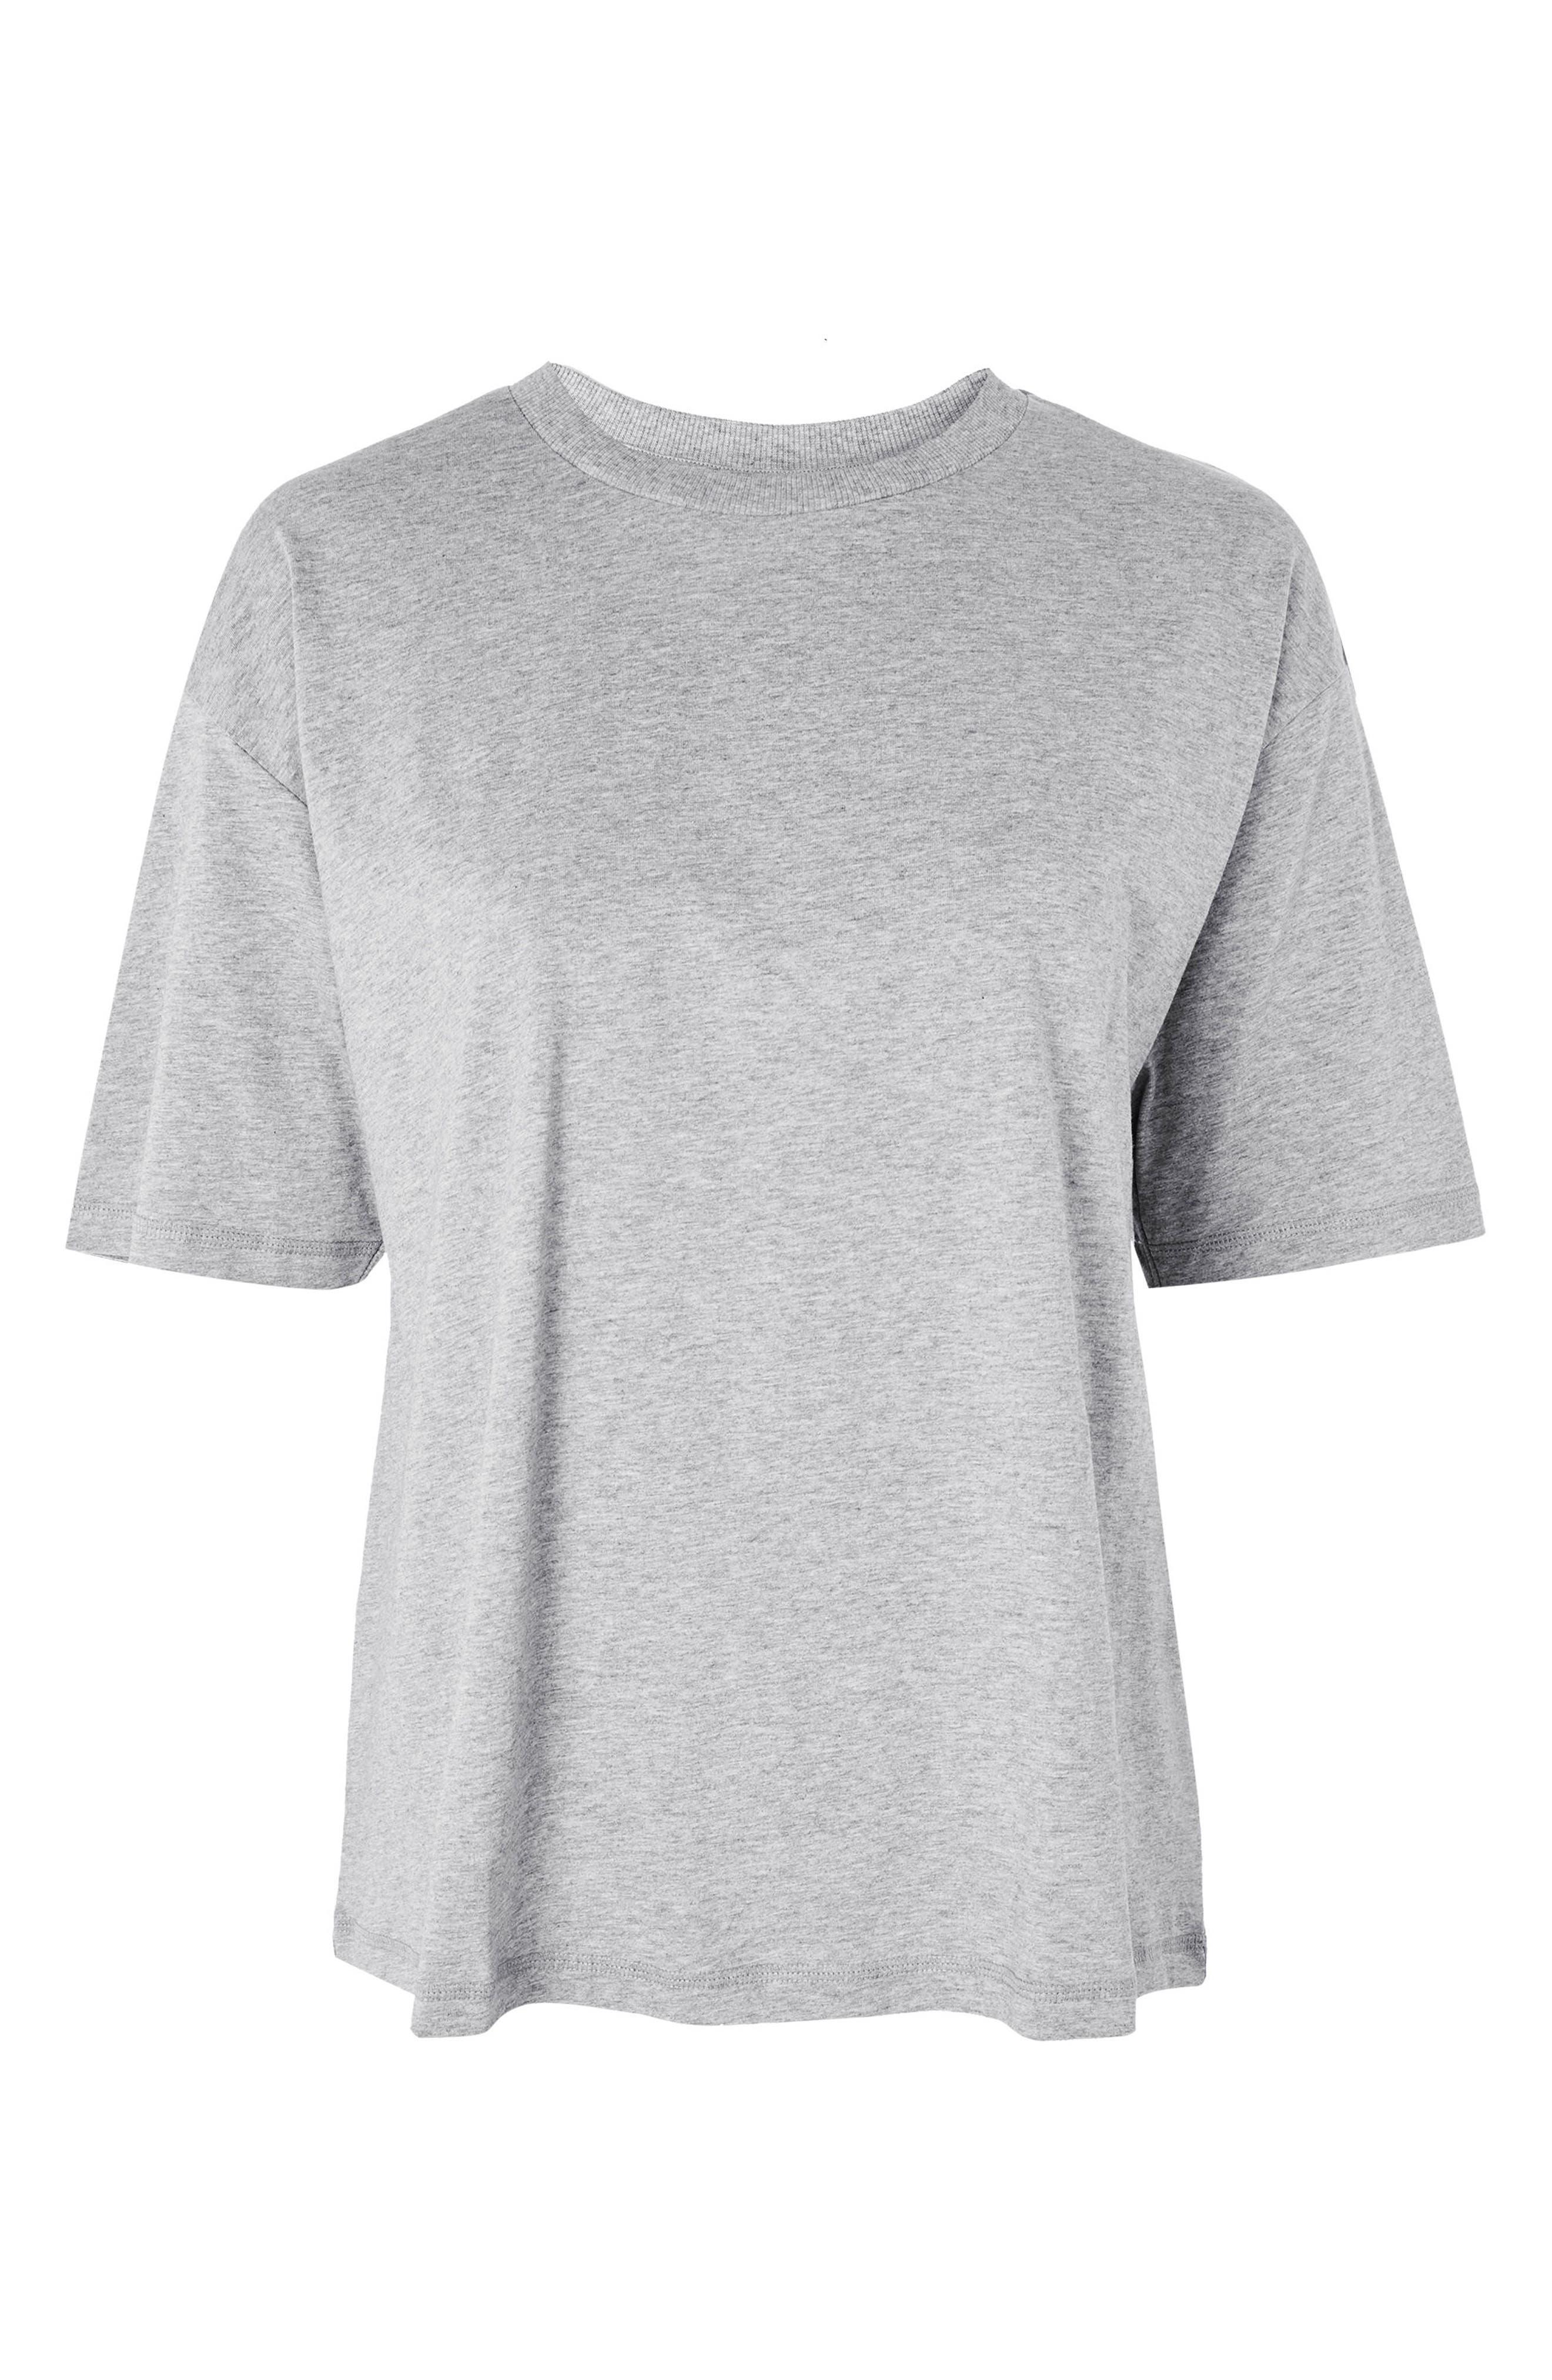 Topshop Boutique Boxy T-Shirt